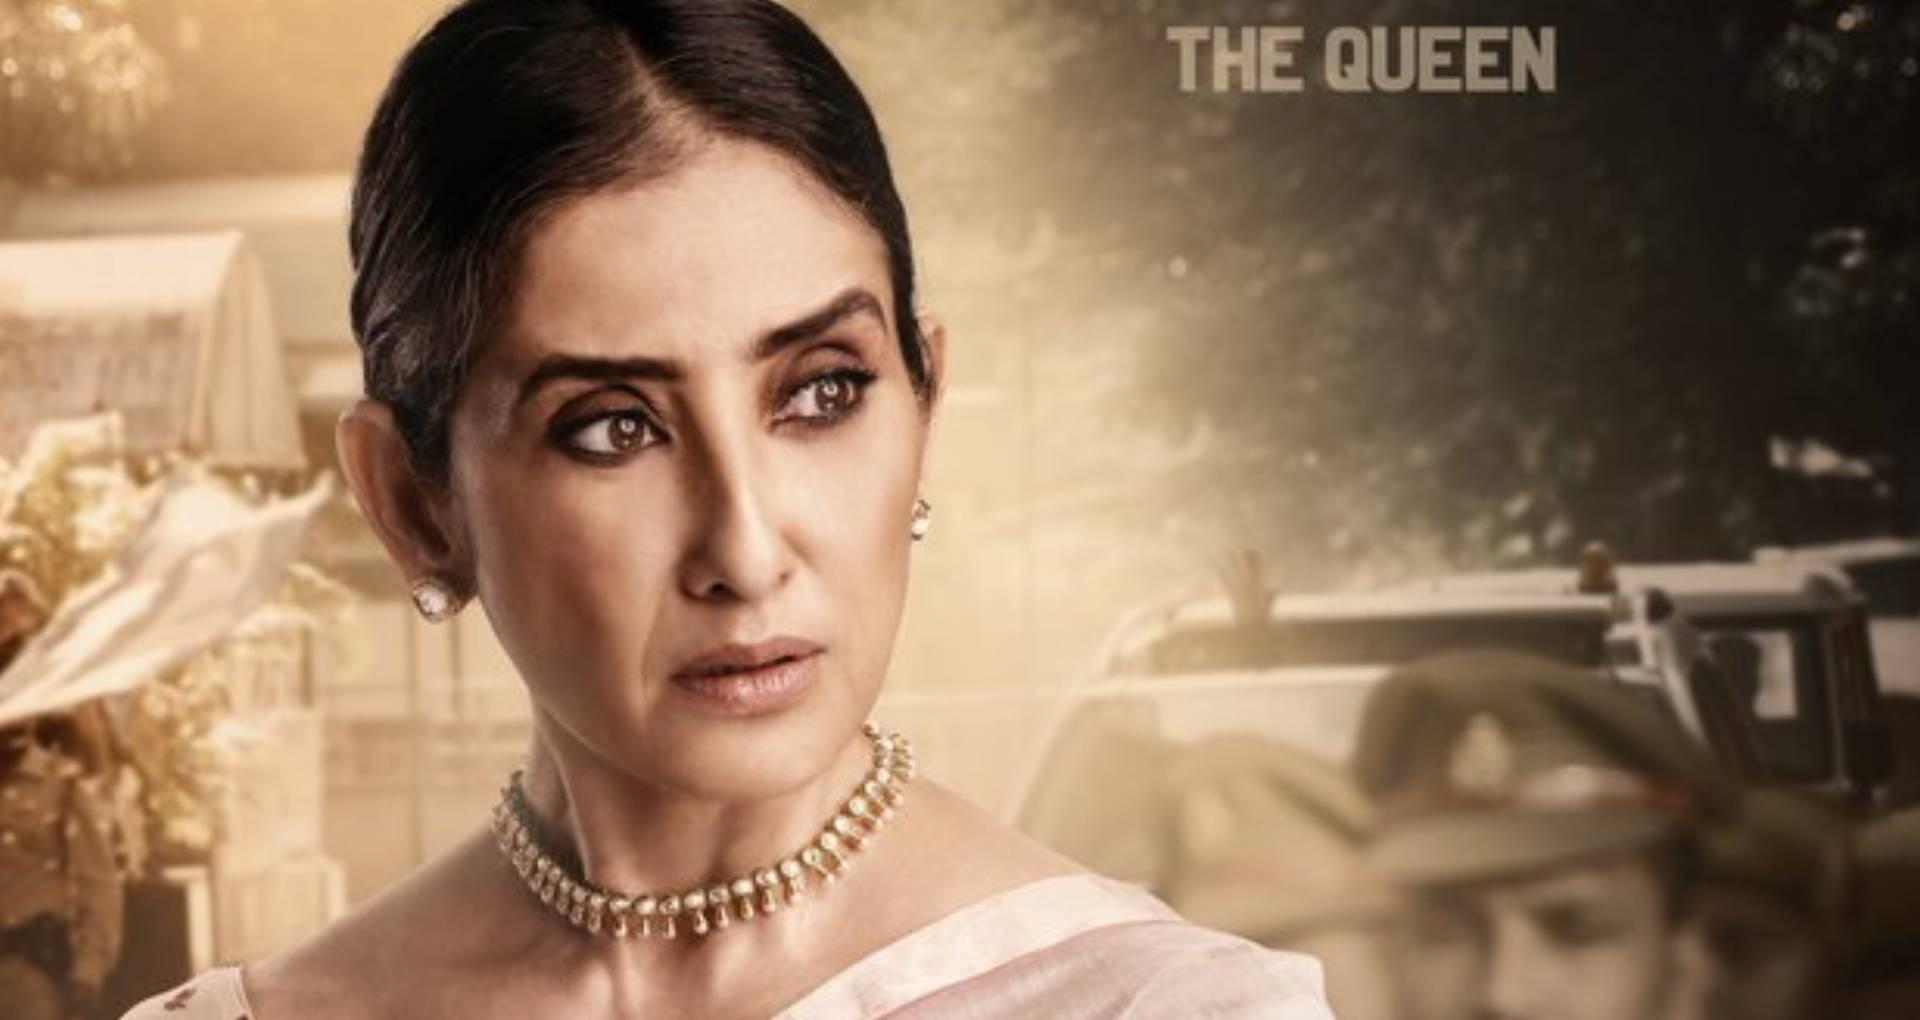 Prasthanam Movie: प्रस्थानम का नया पोस्टर हुआ लॉन्च, फर्स्ट लुक में दिखा मनीषा कोइराला का शानदार अंदाज